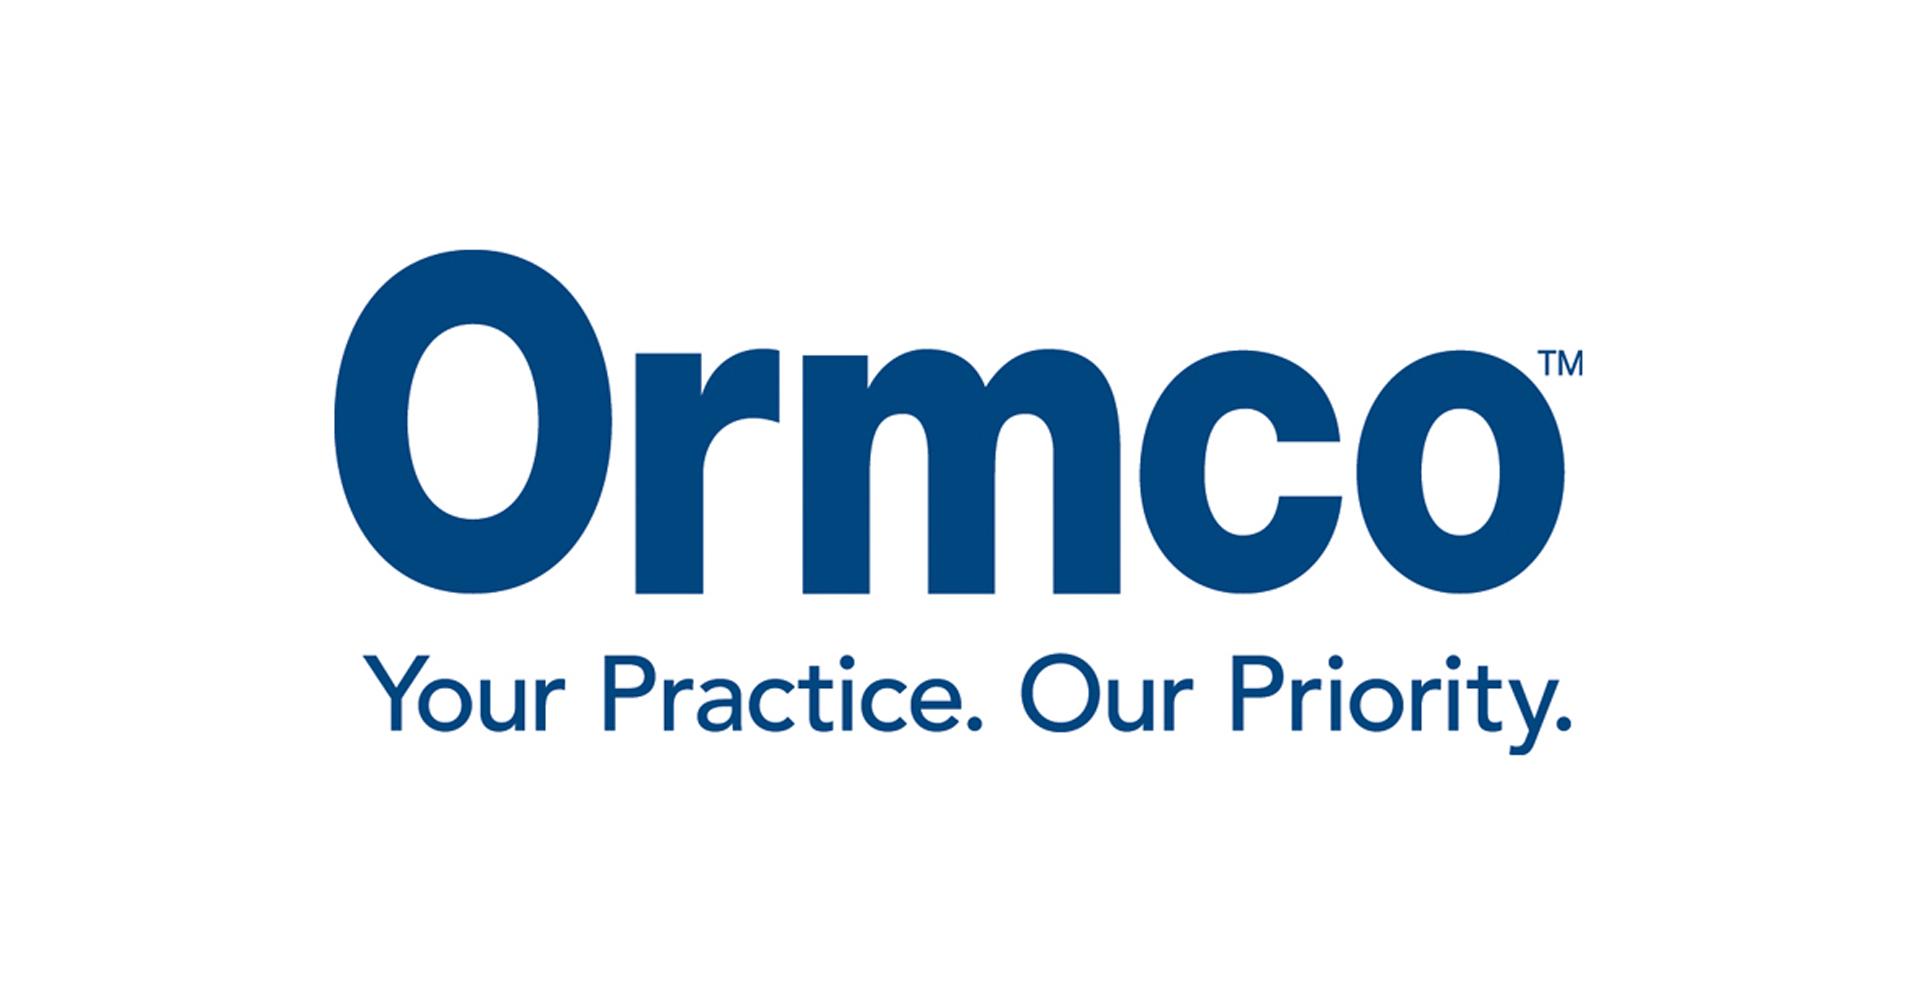 ormco-logo-1920x1280px